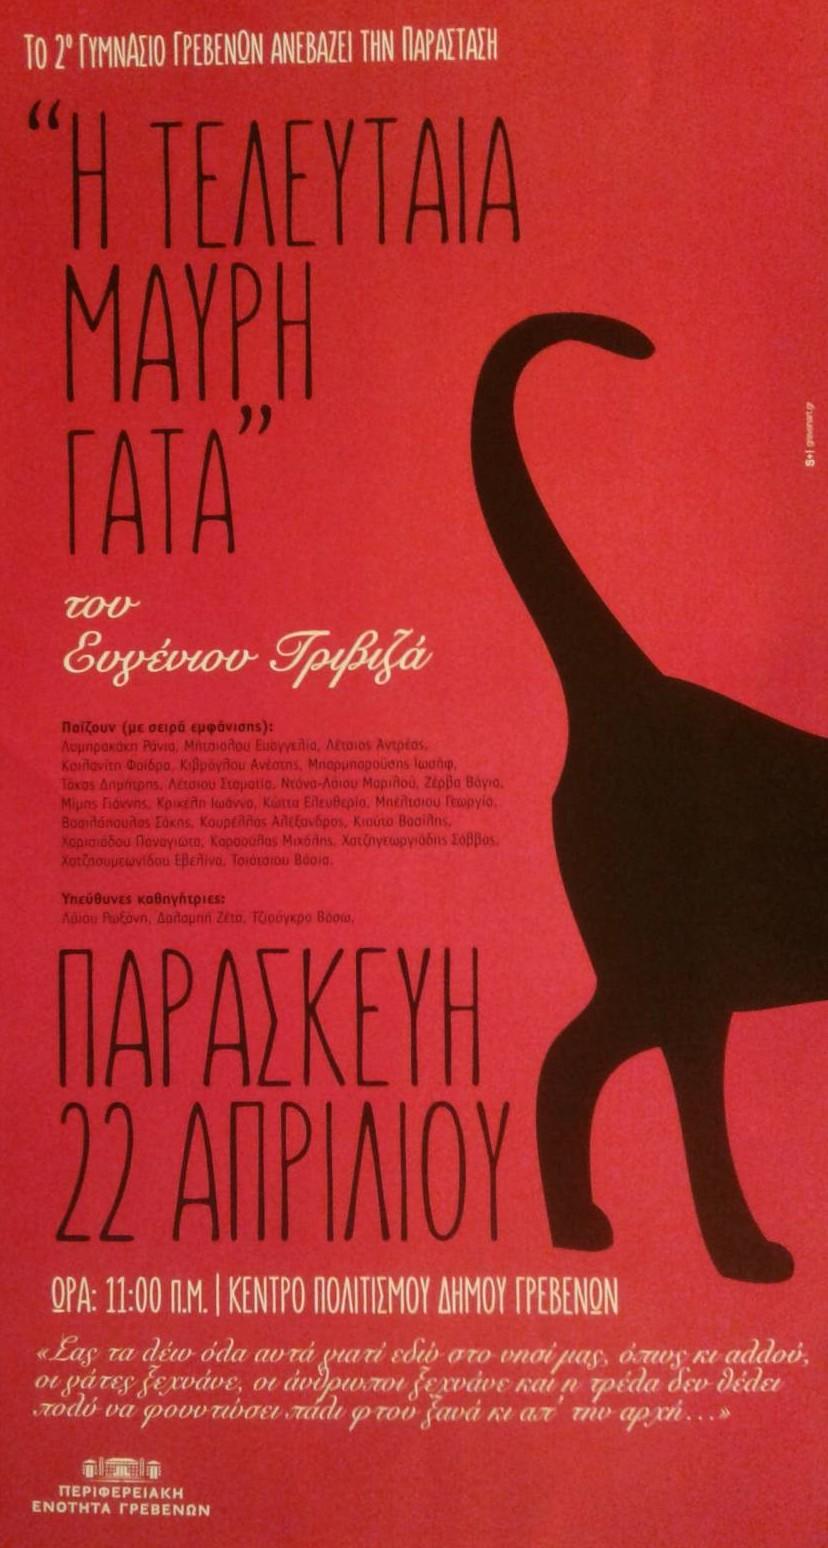 Η τελευταία Μαύρη Γάτα (του Ευγένιου Τριβιζά) – Θεατρική Παράσταση μαθητών του 2ου Γυμνασίου Γρεβενών